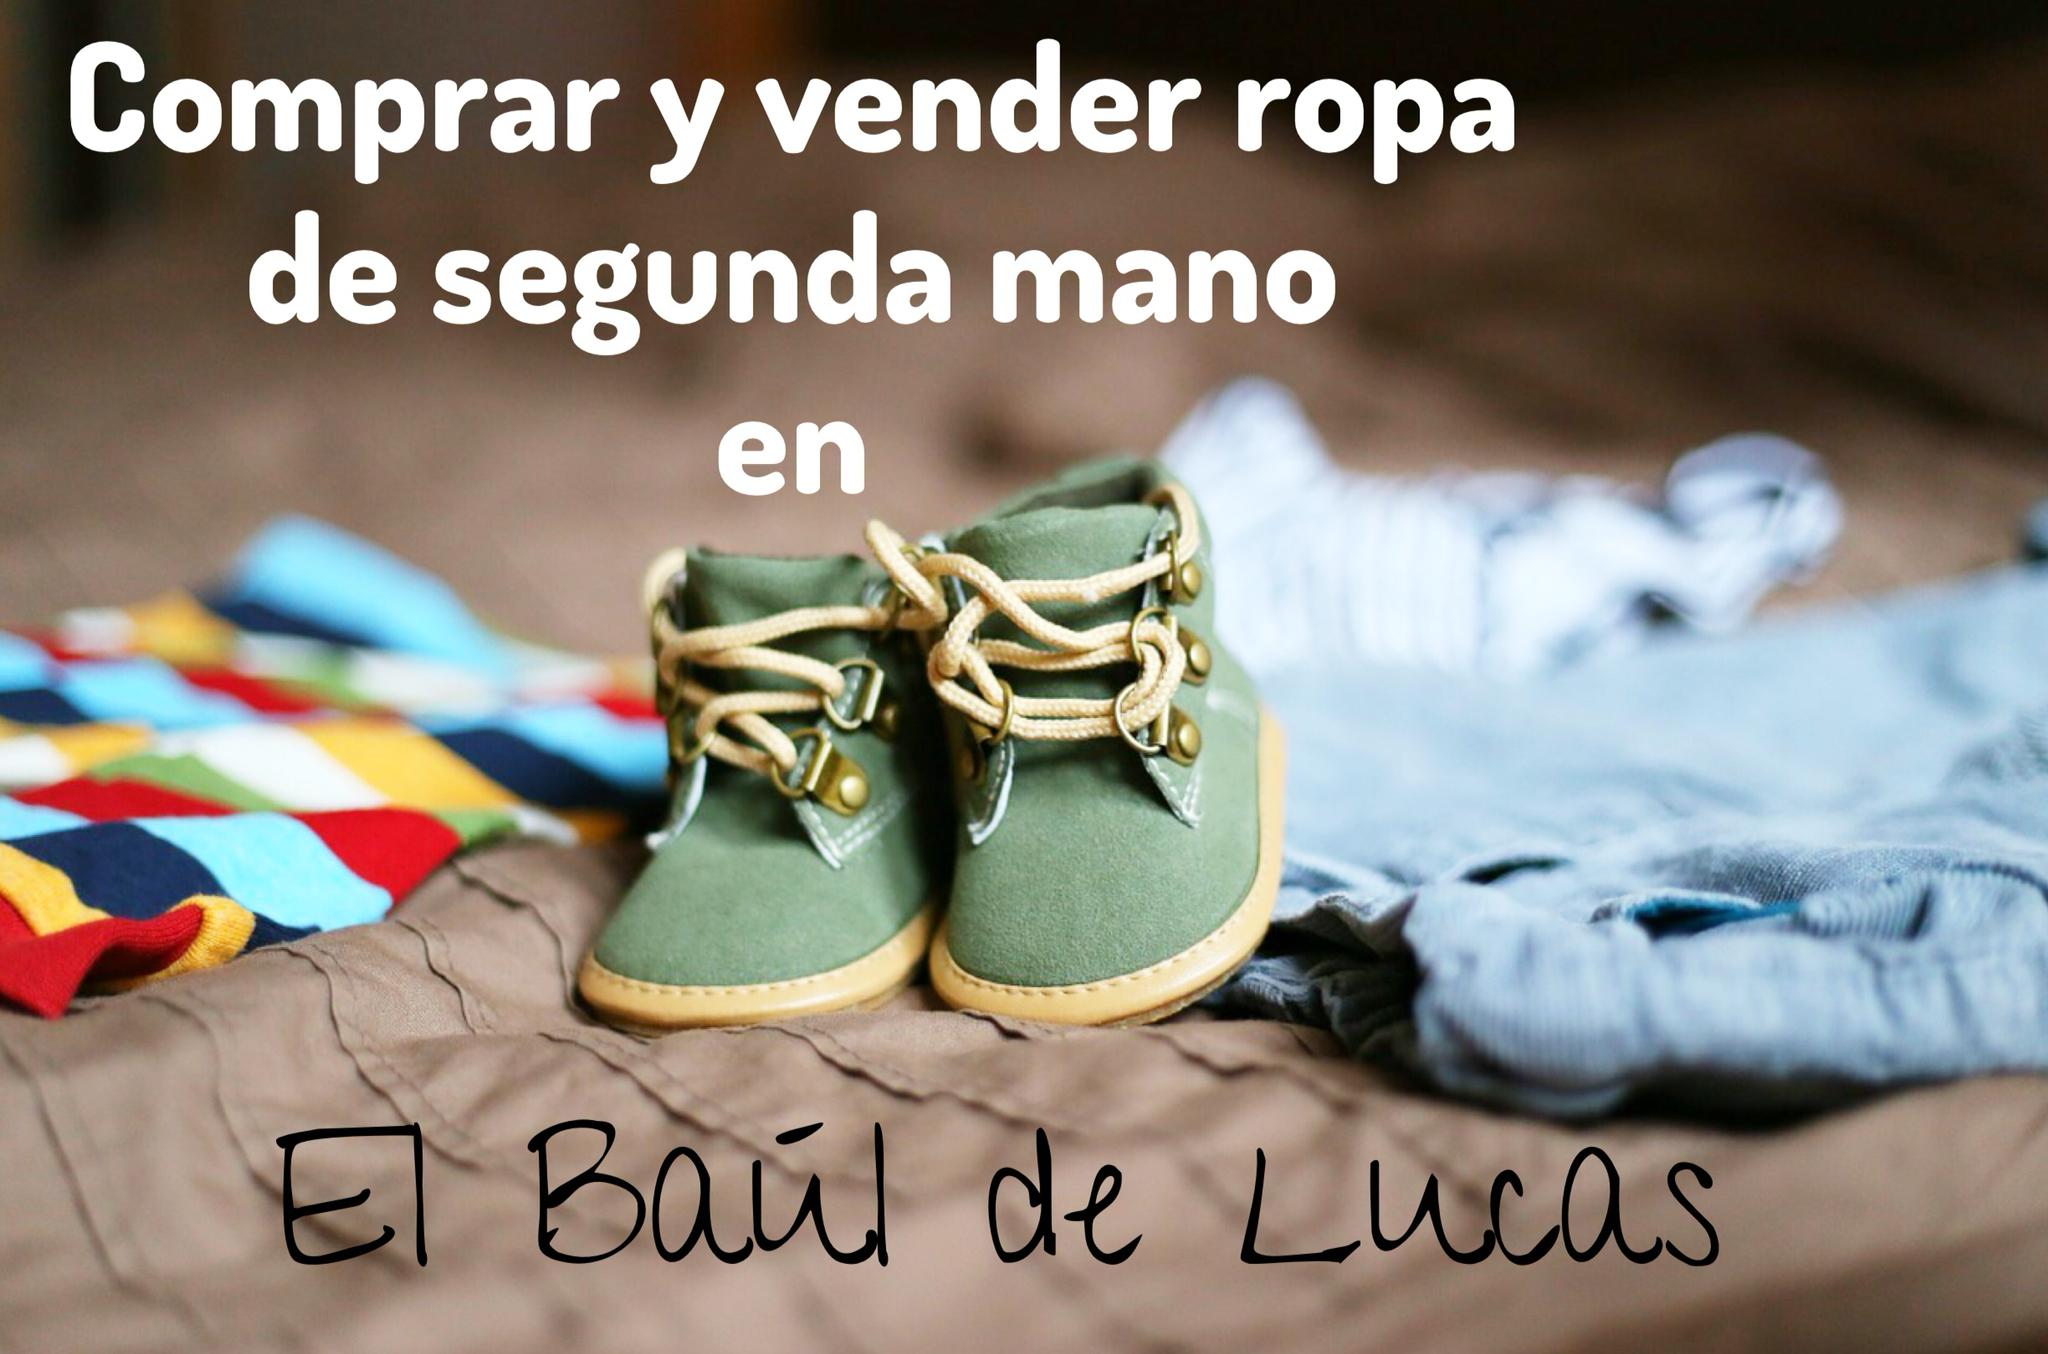 28954e454 Compra y vende ropa de segunda mano en el Bául de Lucas   Gololo y ...